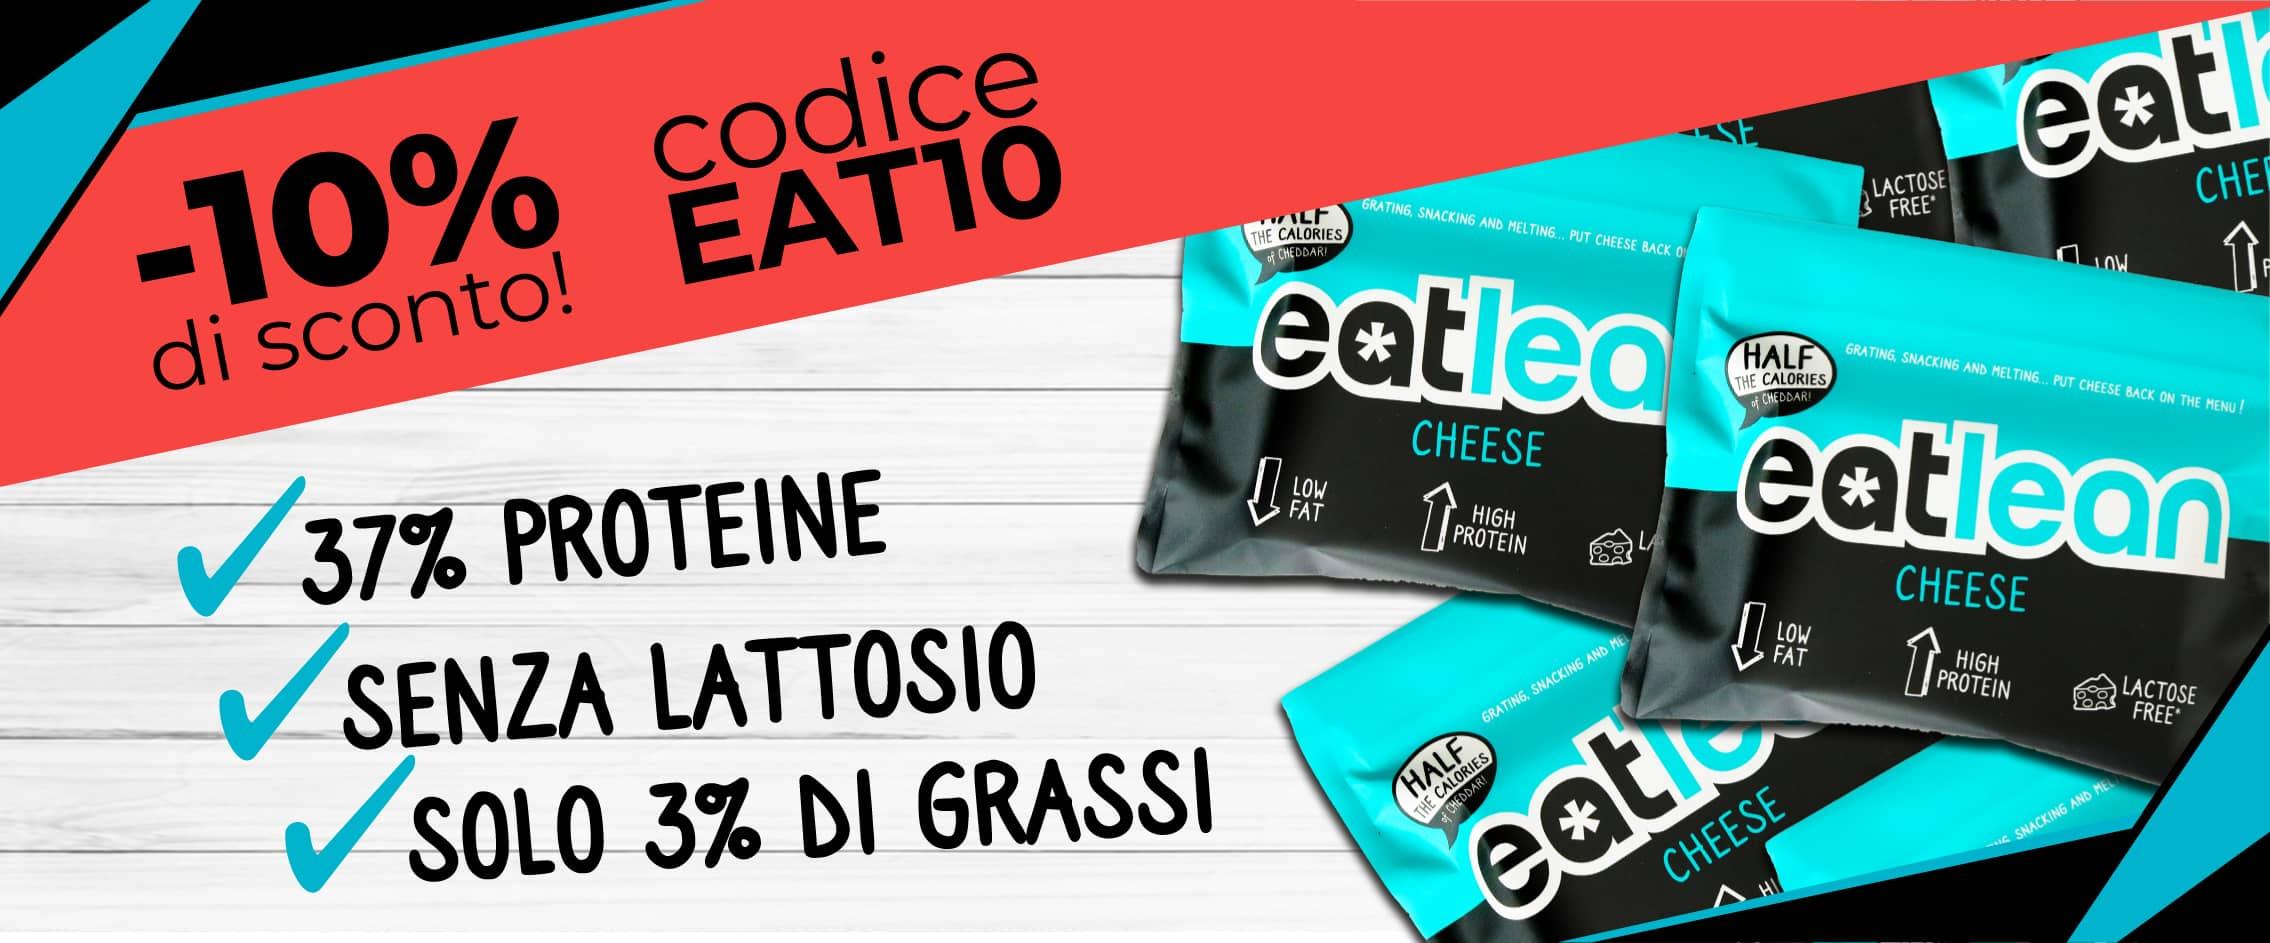 """Codice sconto """"EAT10"""" per avere un 10% di sconto sul tuo prossimo ordine!"""